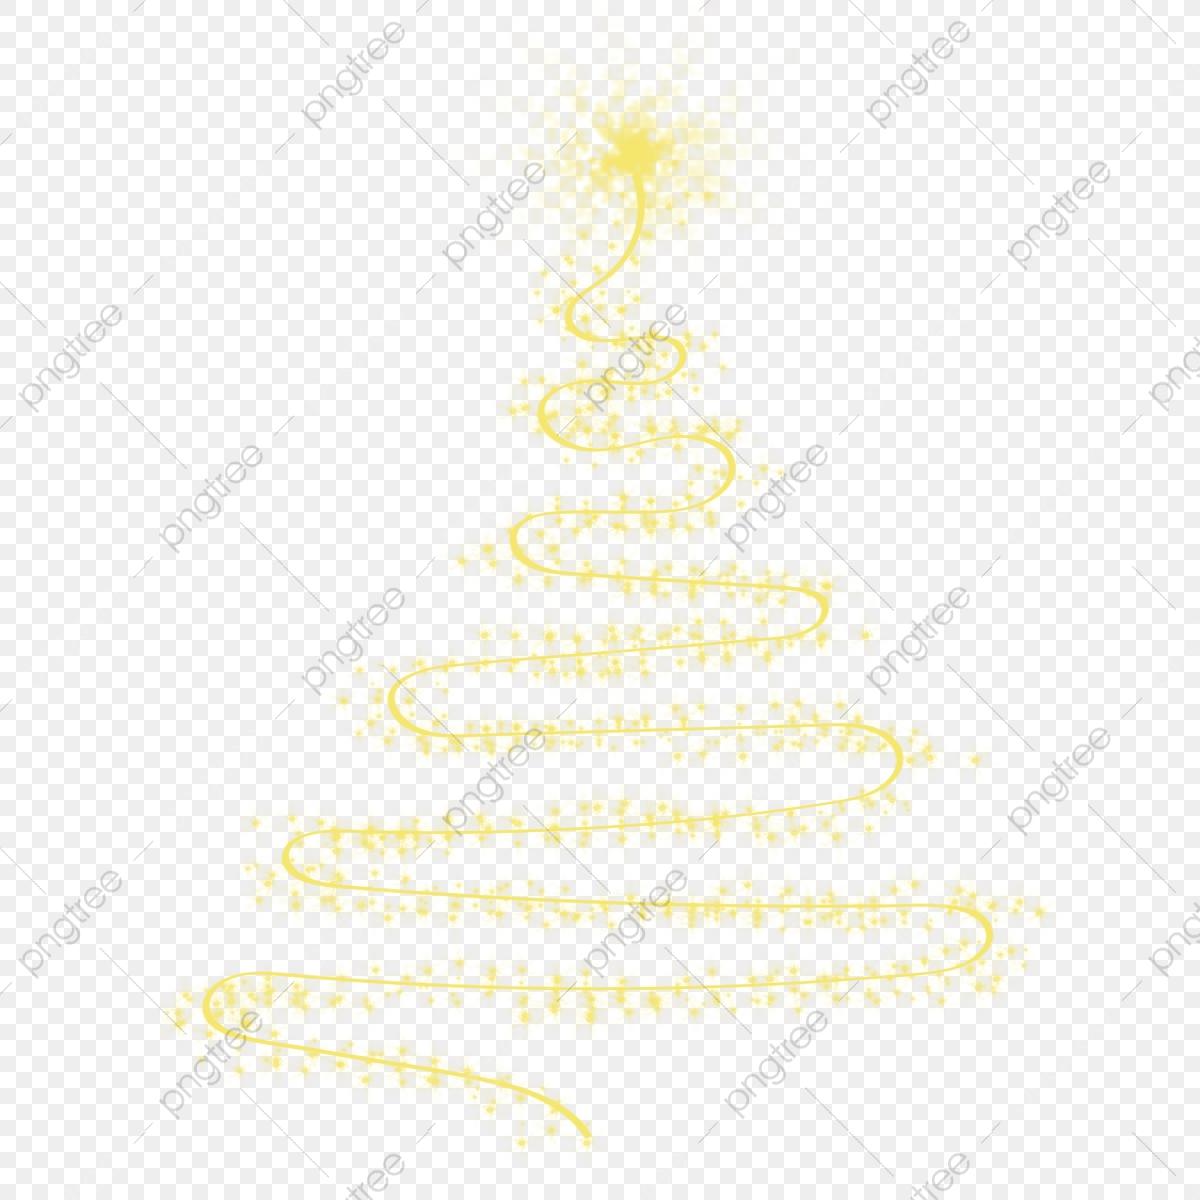 Christmas Lights Png Transparent.Christmas Tree Light Christmas Christmas Tree Christmas